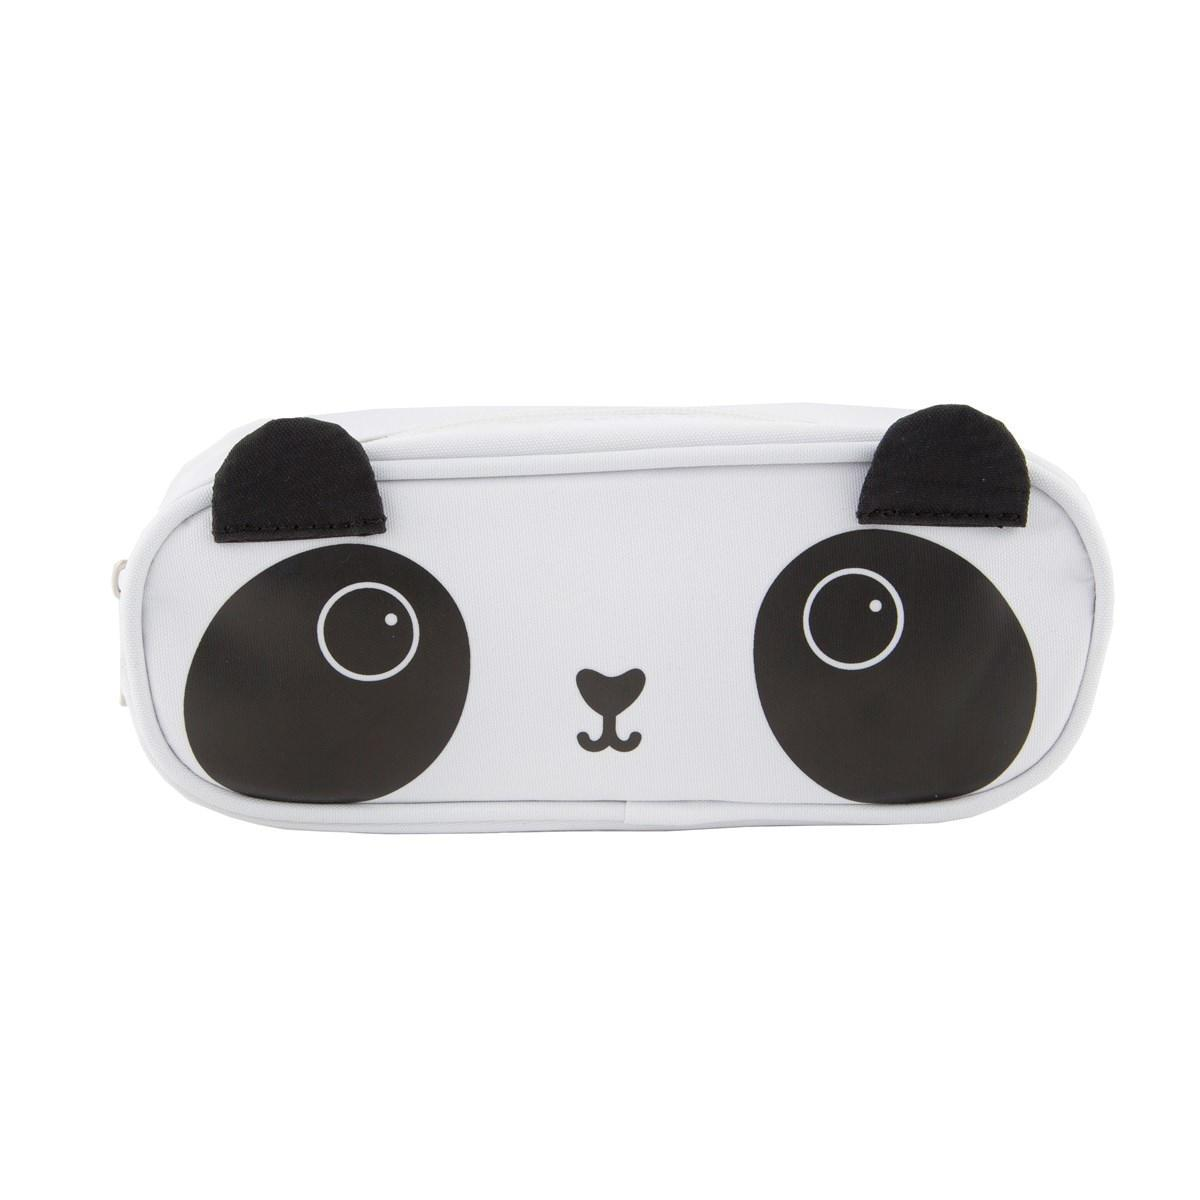 sass & belle Pouzdro na psací potřeby Panda, černá barva, bílá barva, textil